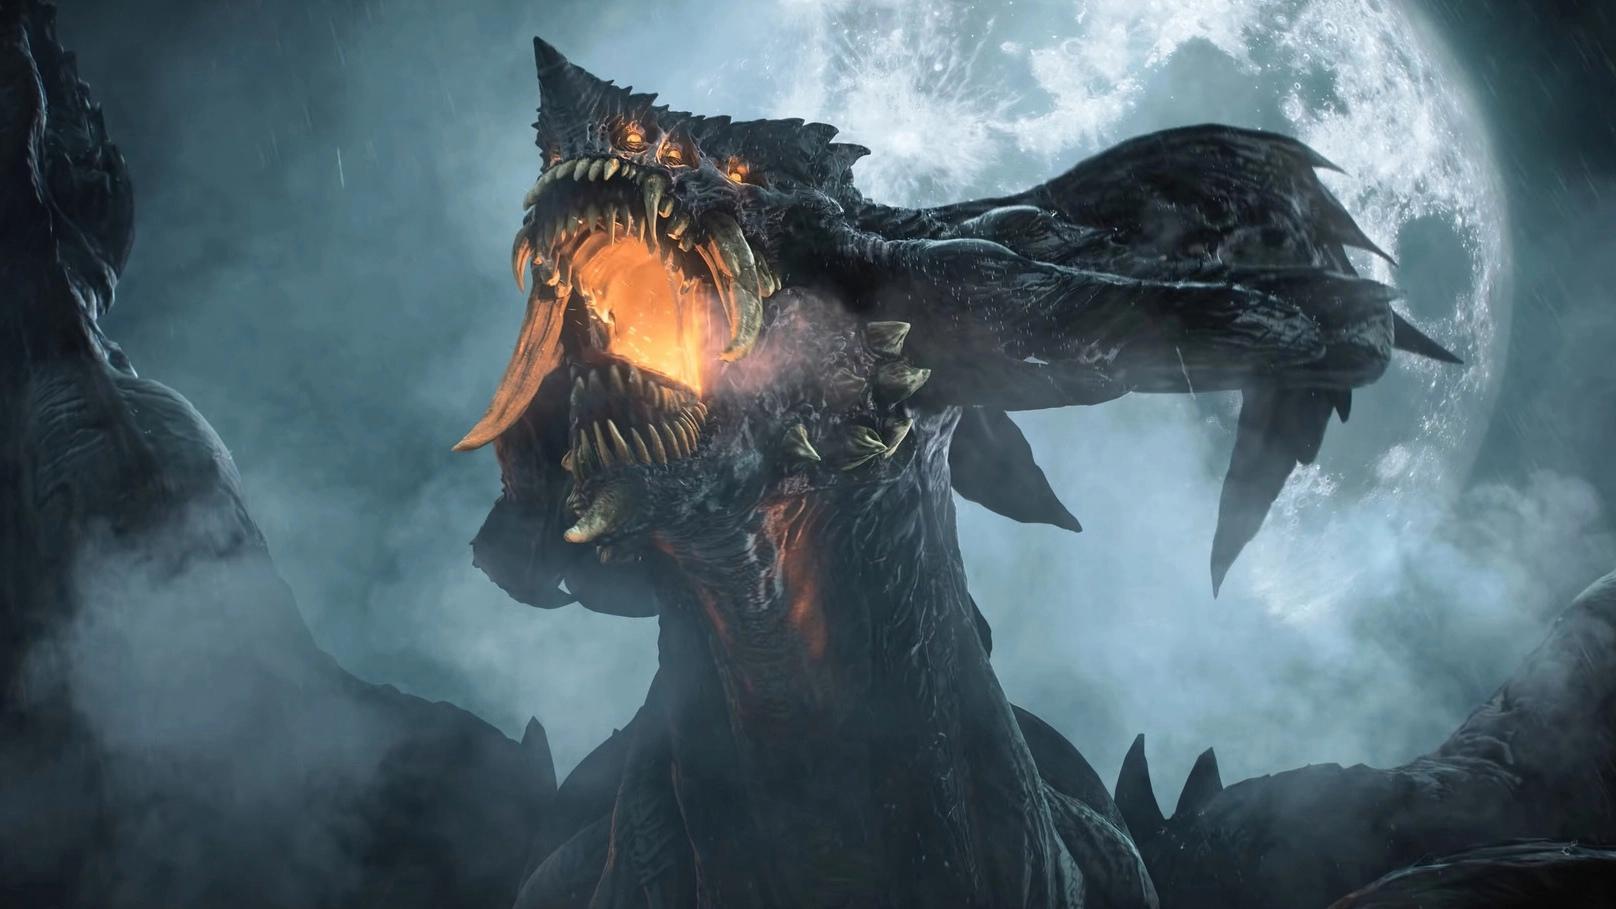 СМИ: по игре Demon's Souls готовится фильм